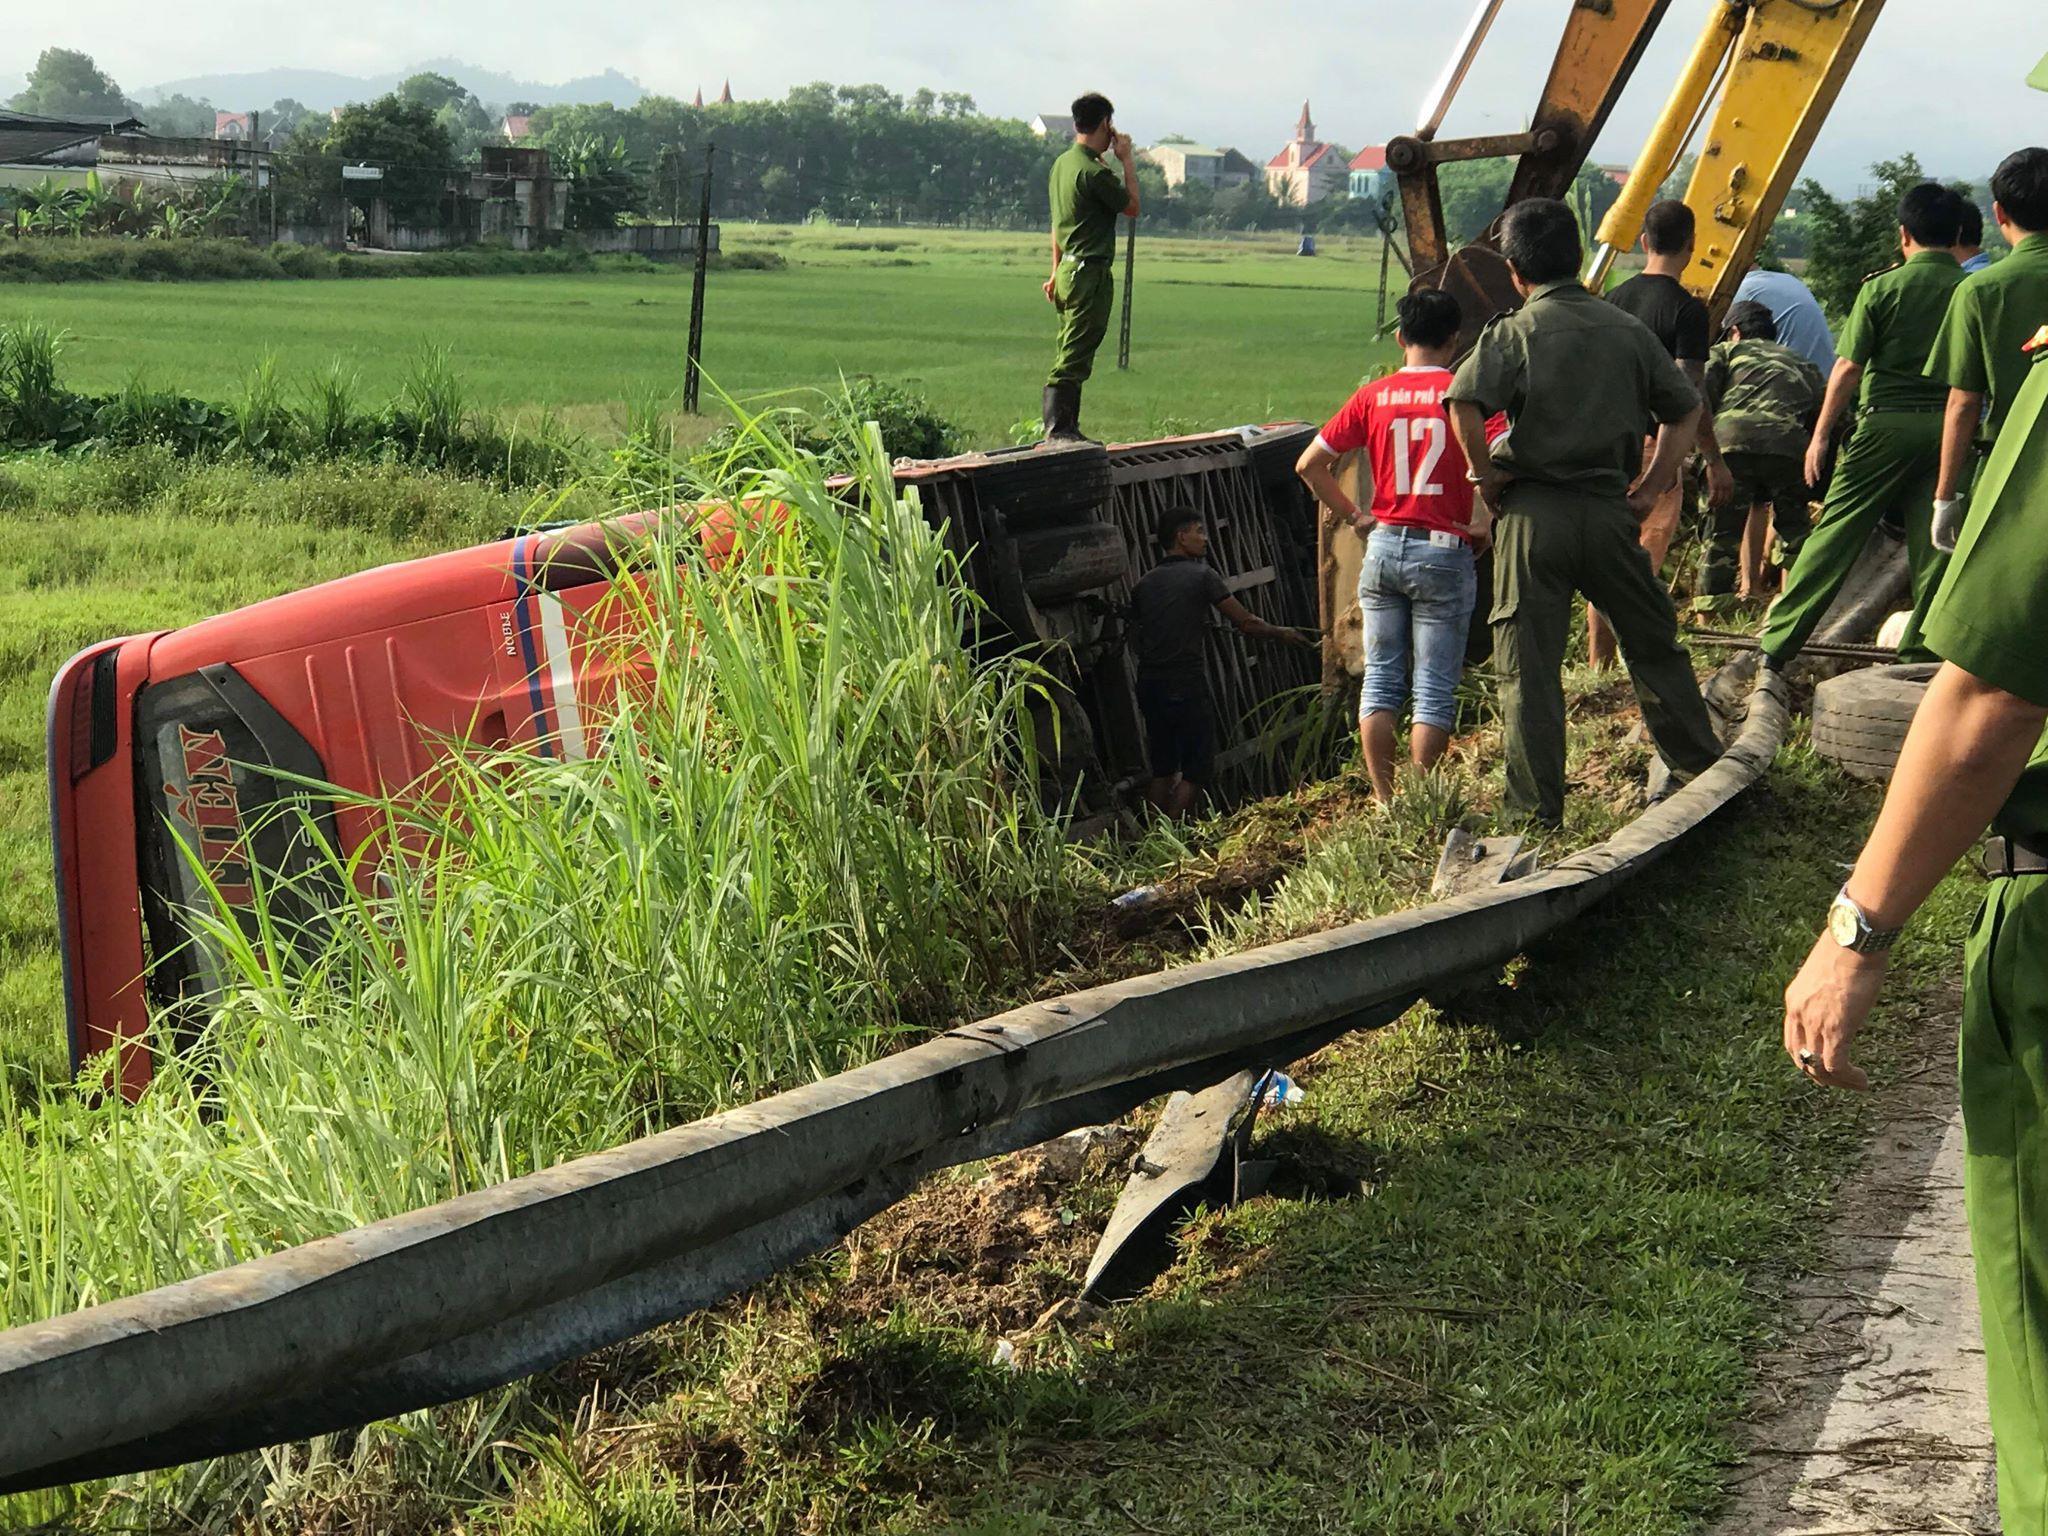 Xe khách lật bên lề đường lúc rạng sáng, 1 người chết, 20 người bị thương Ảnh 4